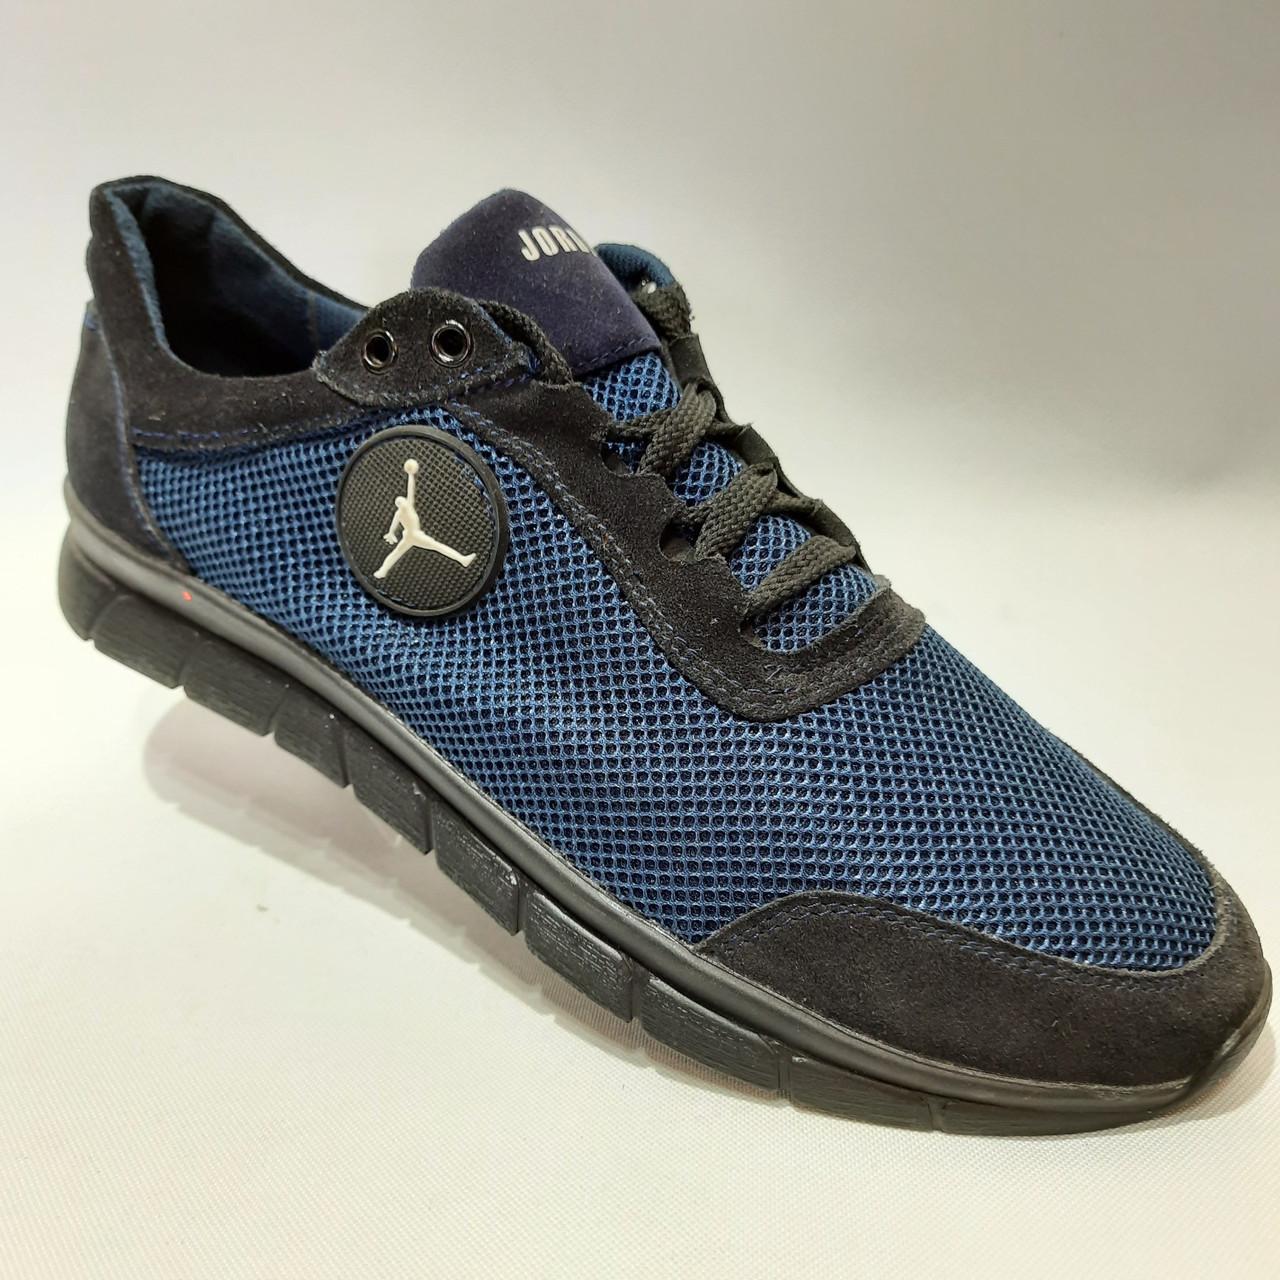 Мужские летние кроссовки (больших размеров) р. 46,47,48, Кожа / сетка черные с синей сеткой